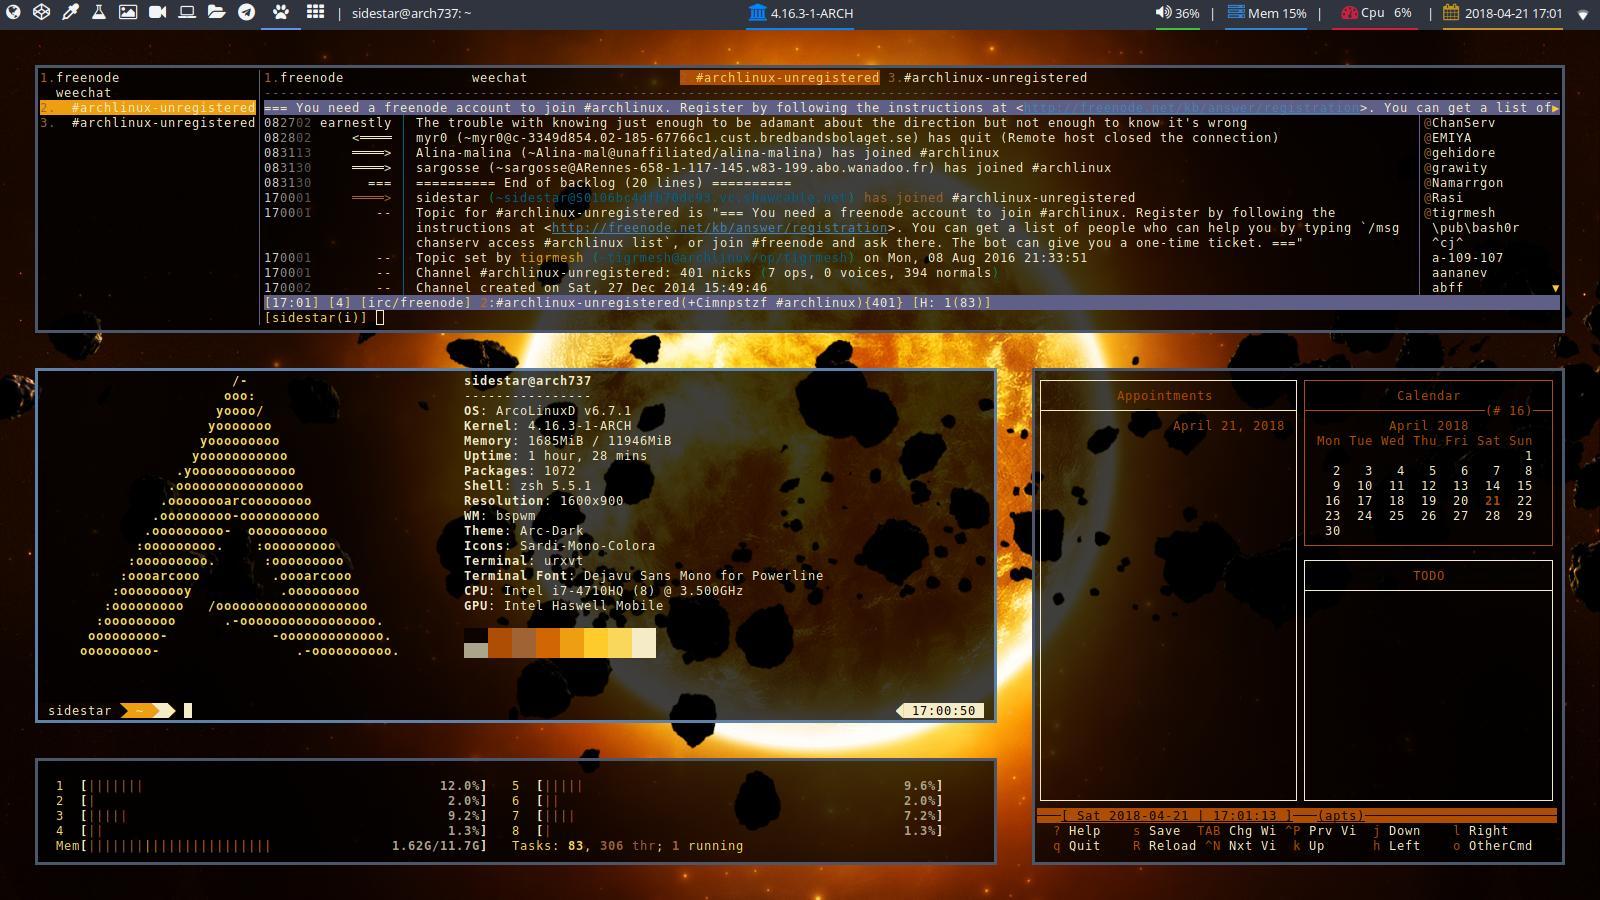 ArcoLinuxD 6.7